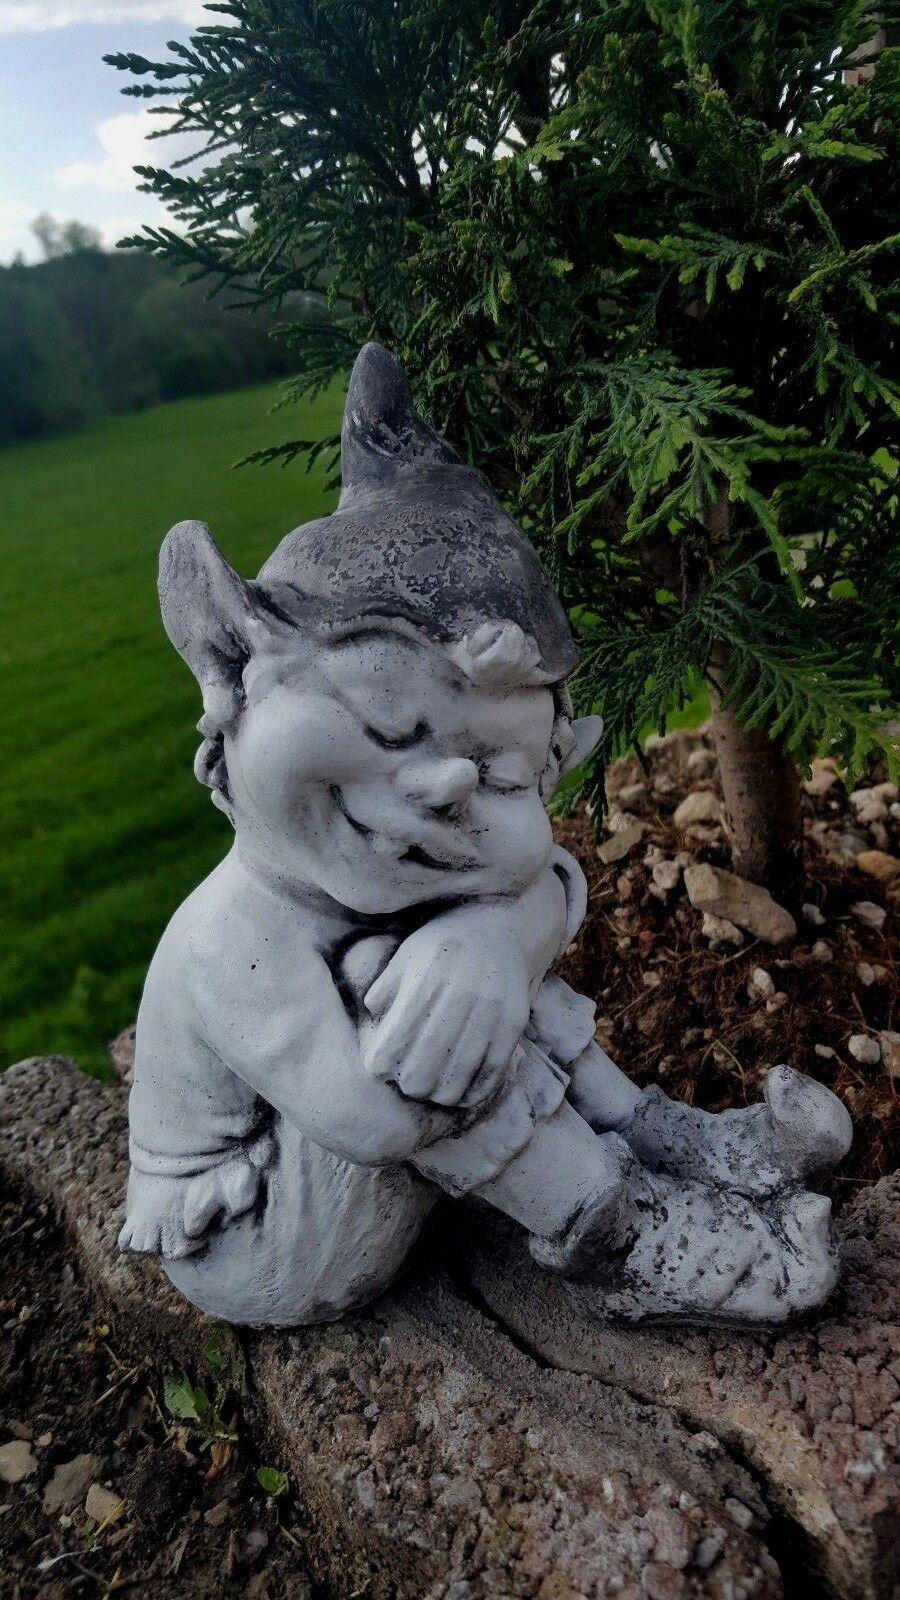 Kobold, Gartenfigur,Troll Steinfigur, Gartenartikel ART T 014